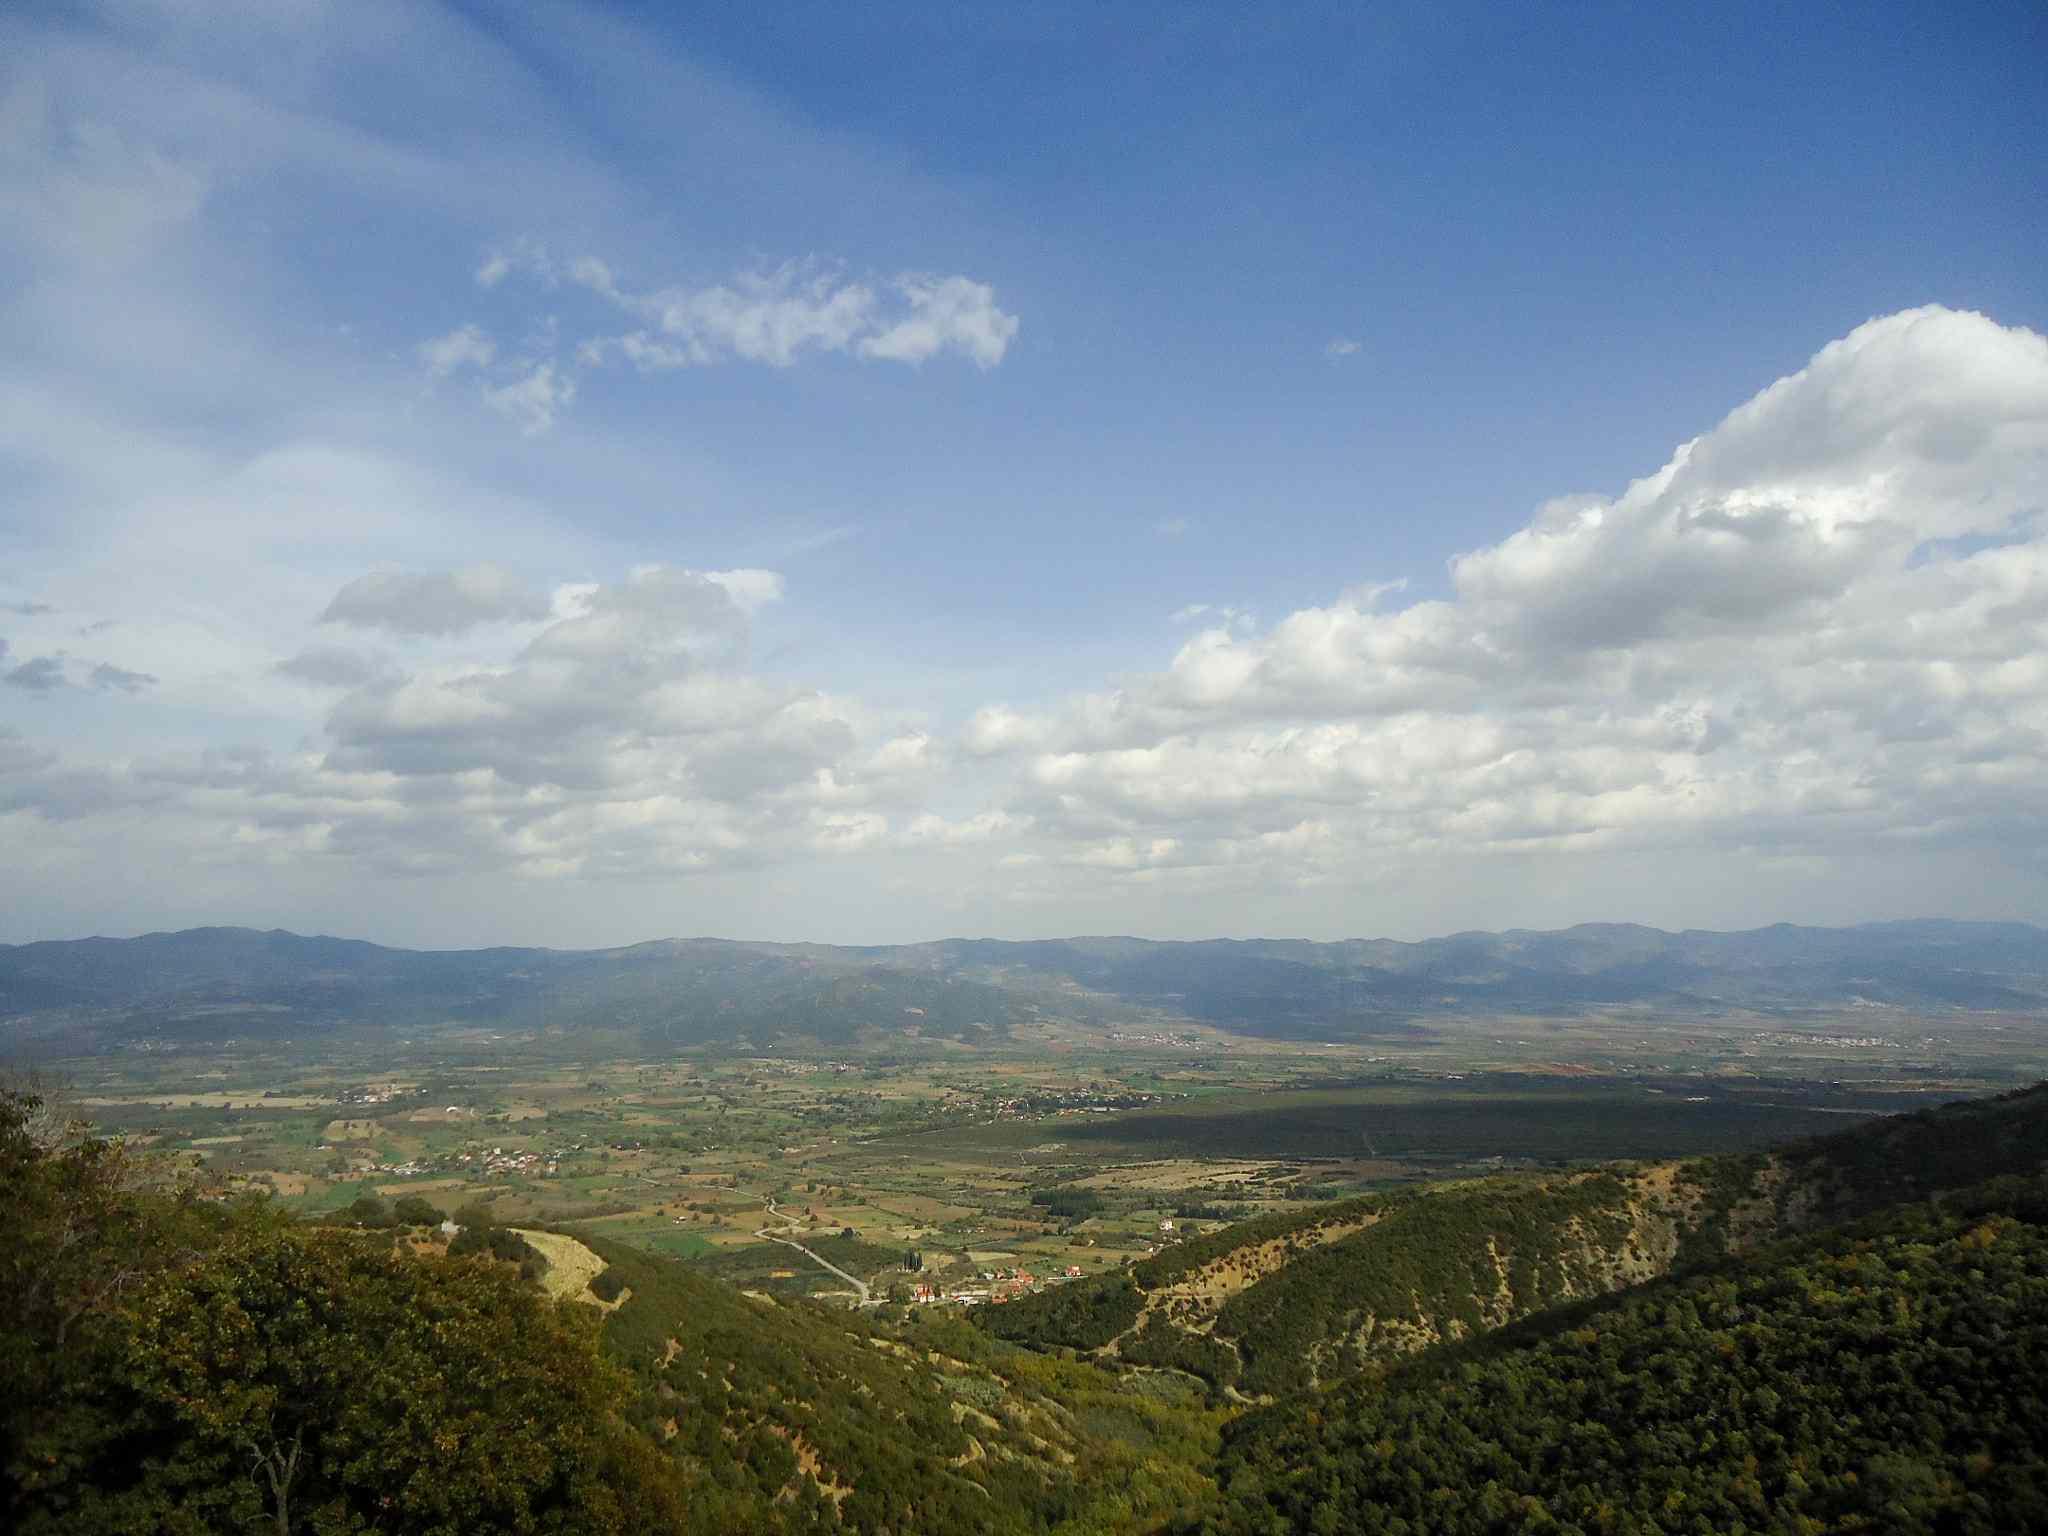 View of Spercheiada Valley from Agathonos Monastery